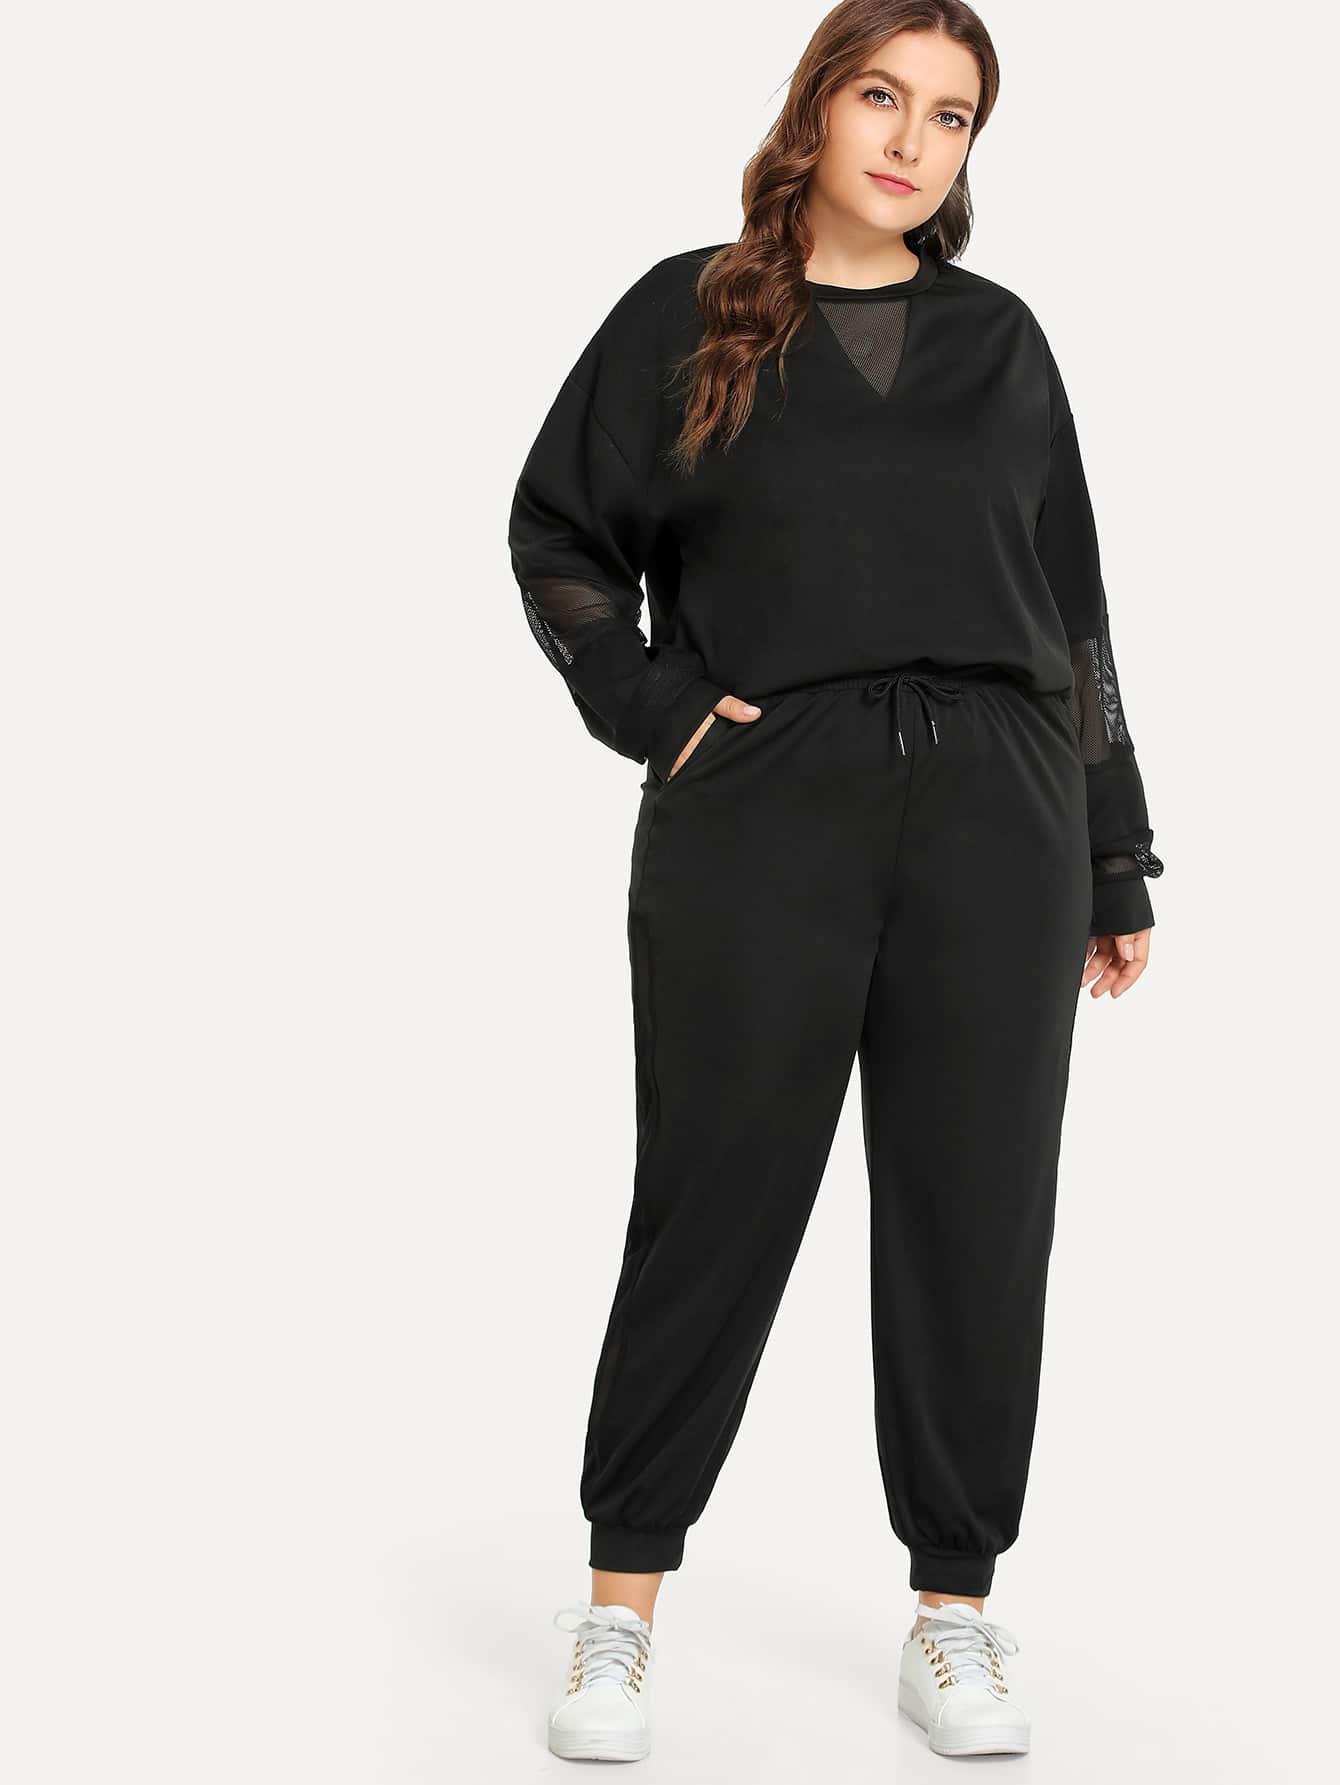 Купить Большой контрастный свитшот и брюки с кулиской, Franziska, SheIn